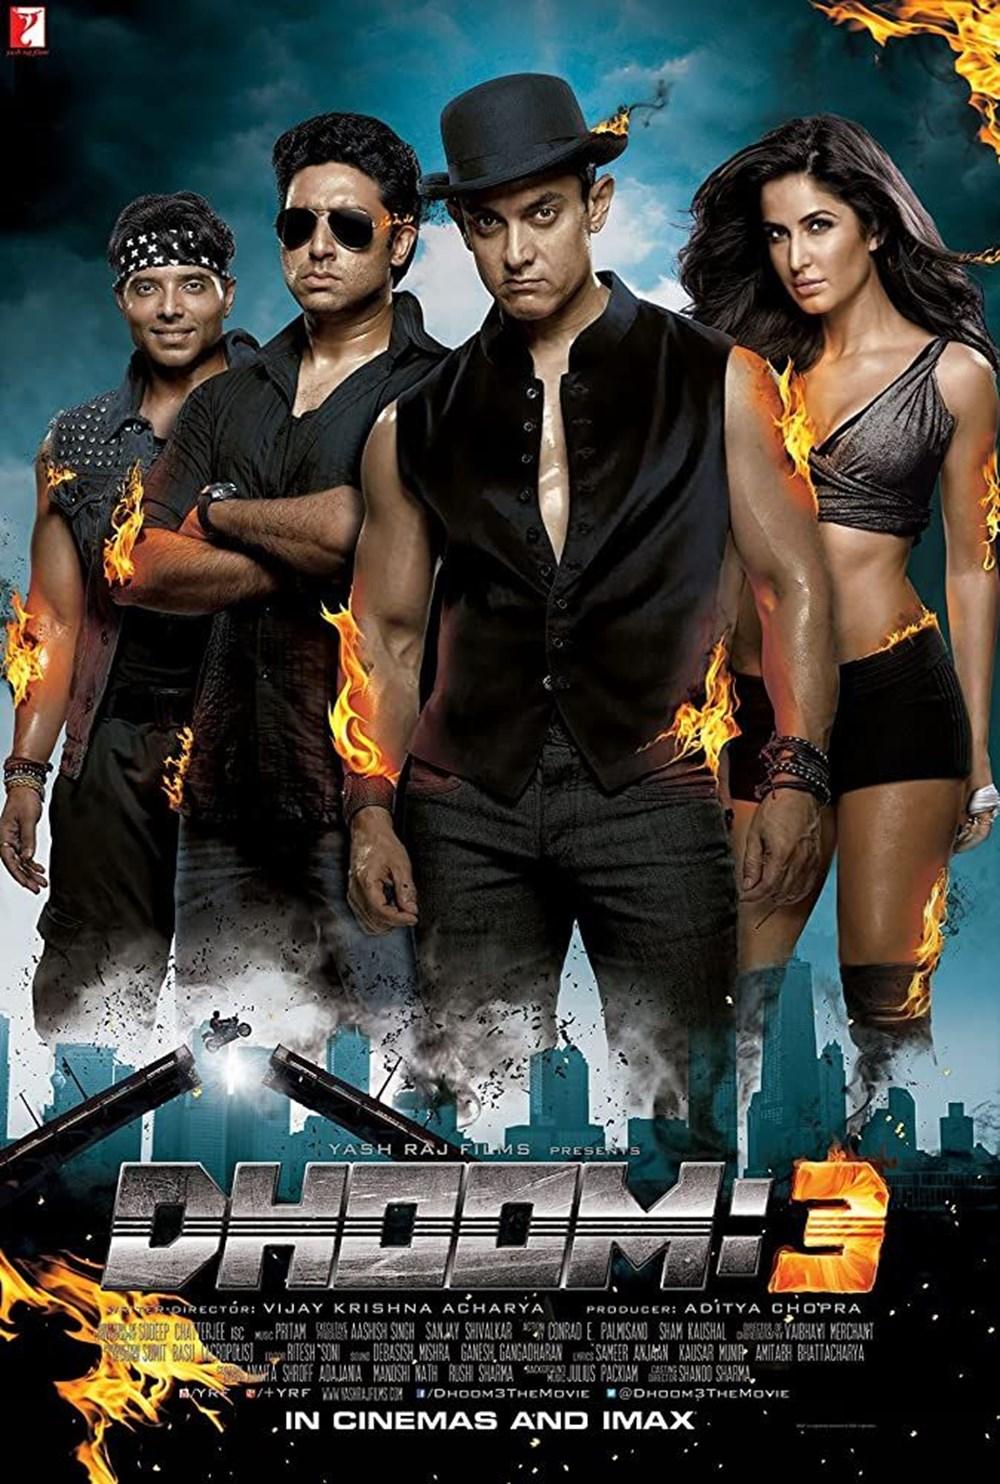 En iyi Aamir Khan filmleri (Aamir Khan'ın izlenmesi gereken filmleri) - 3